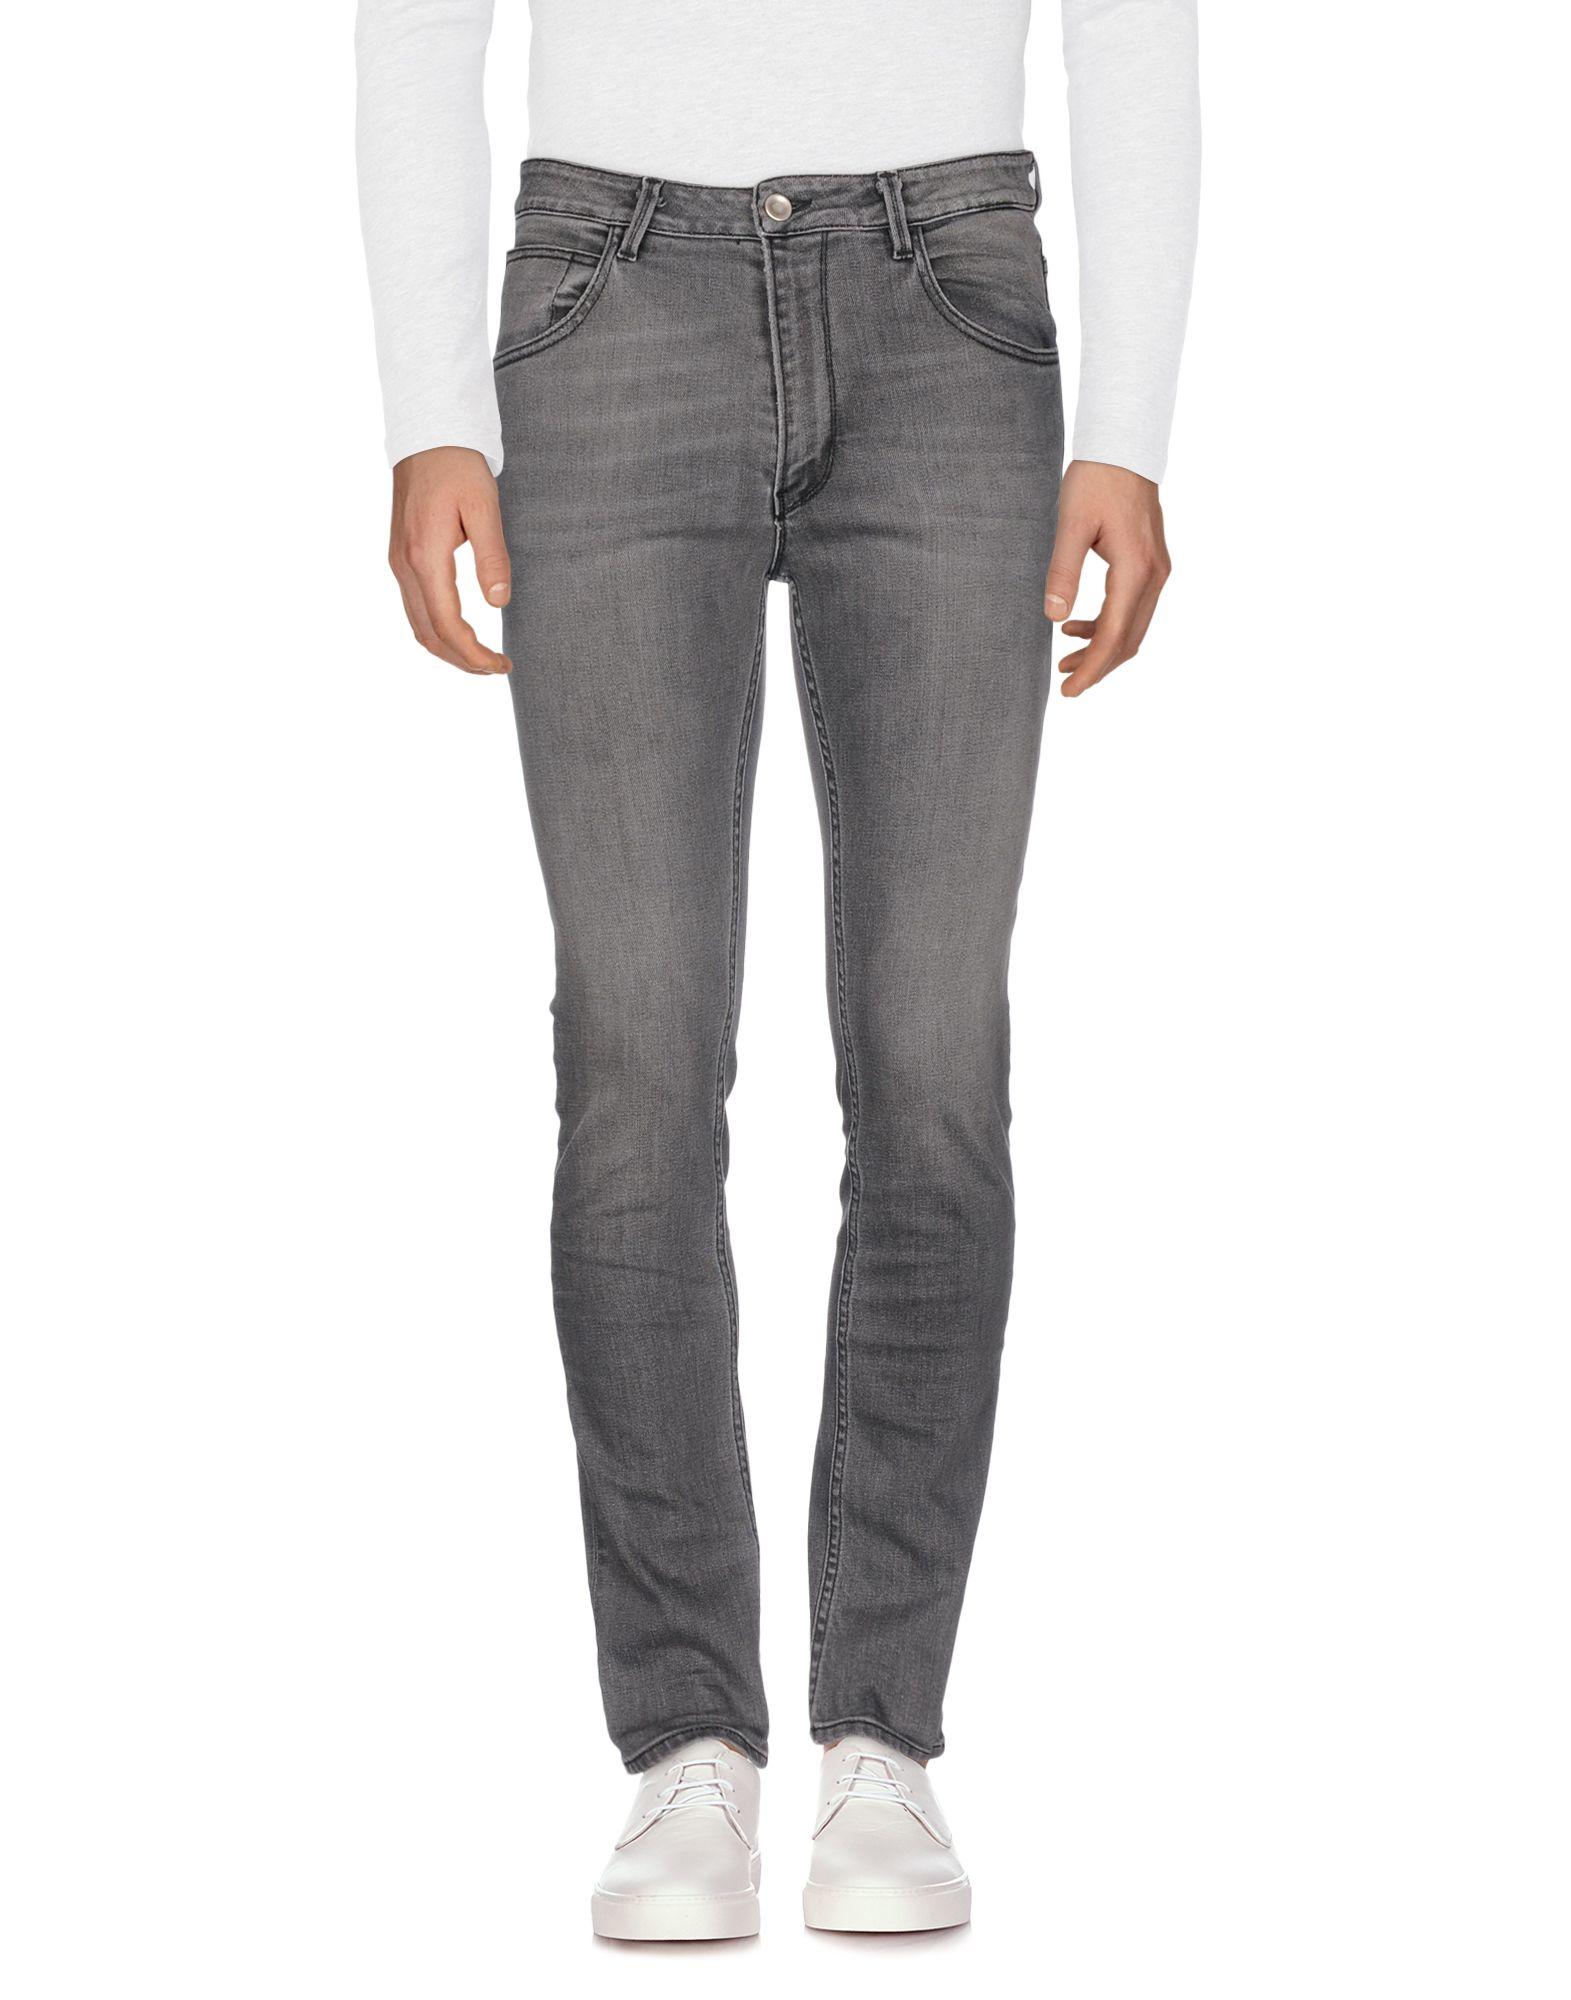 Pantaloni Jeans Poème Bohèmien Uomo - Acquista online su